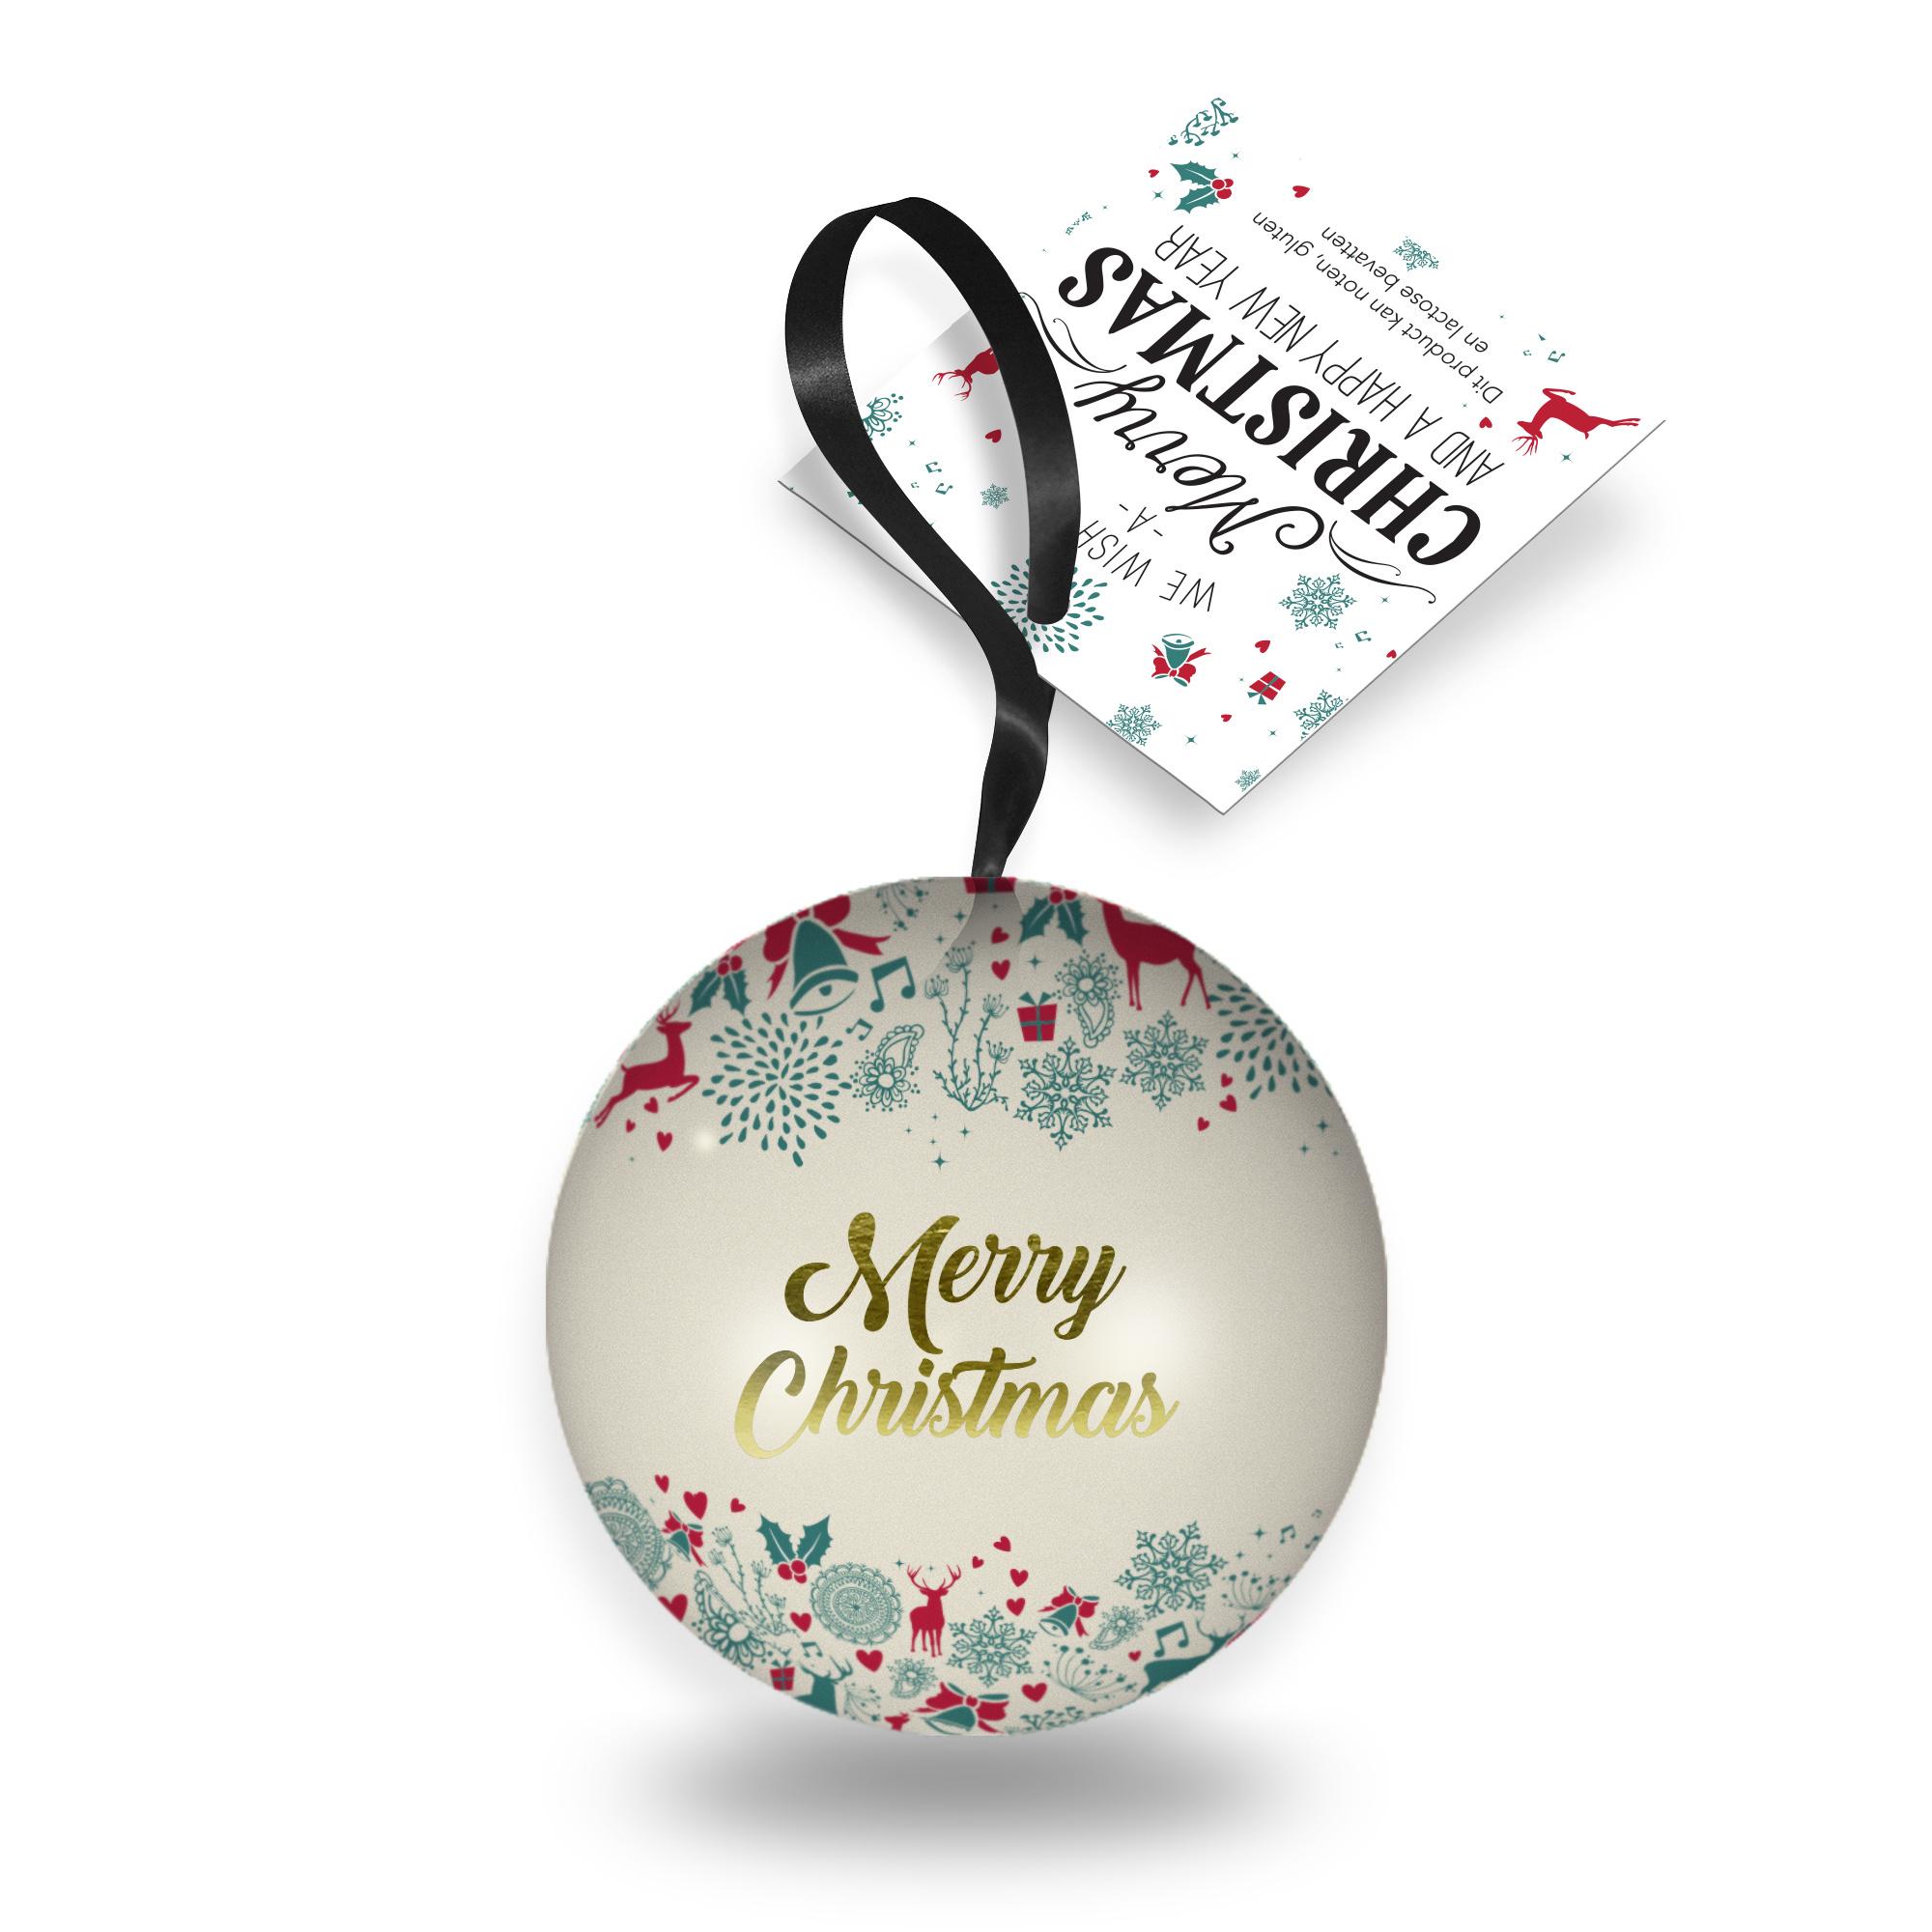 Kerstbal van blik gevuld met heerlijke bonbons